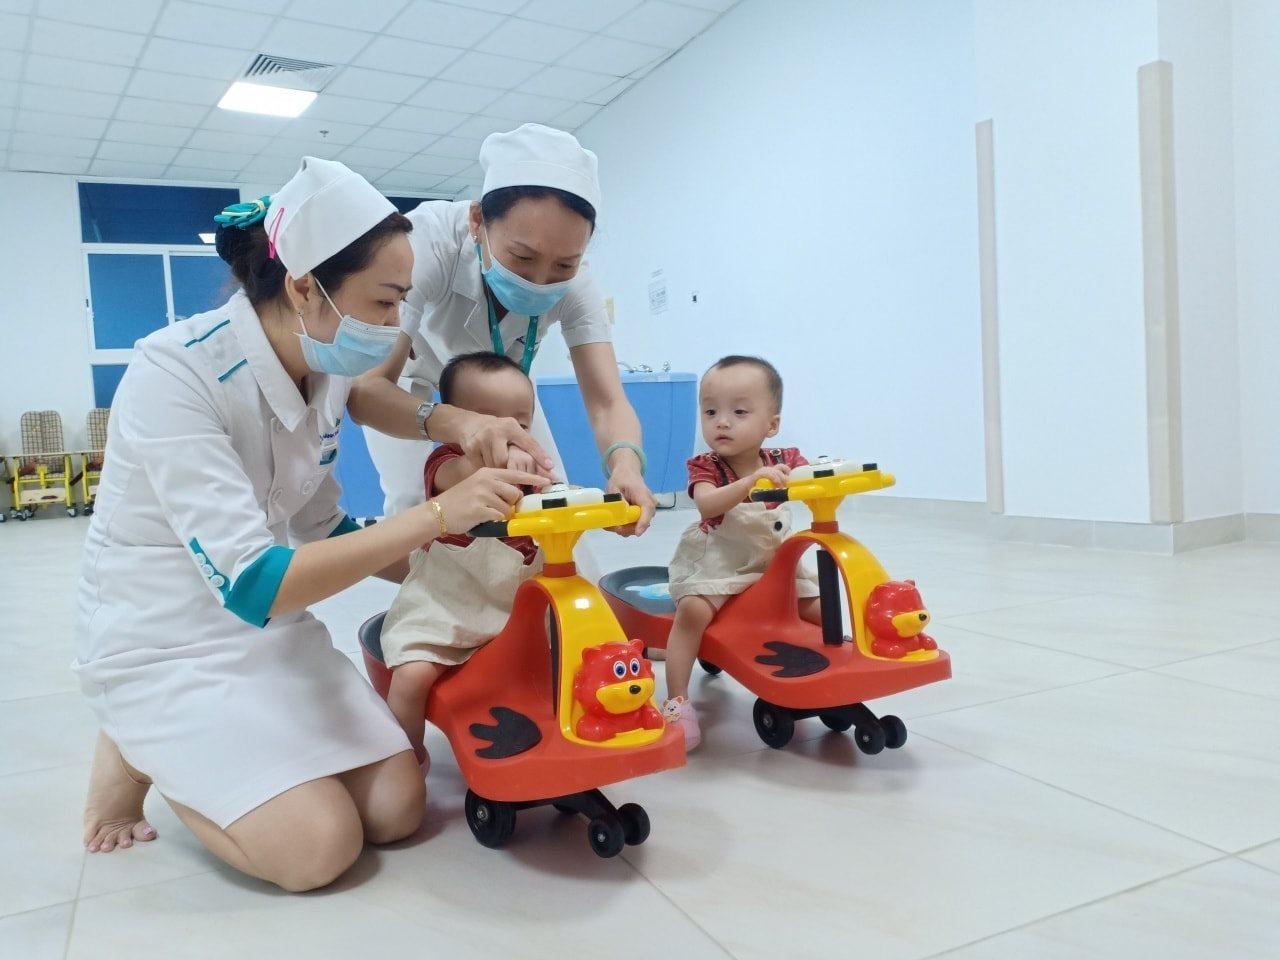 Sau 15 ngày xuất viện, Song Nhi trở lại tái khám, 'đua xe' vui vẻ và mừng hết cỡ khi gặp lại các y bác sĩ 5